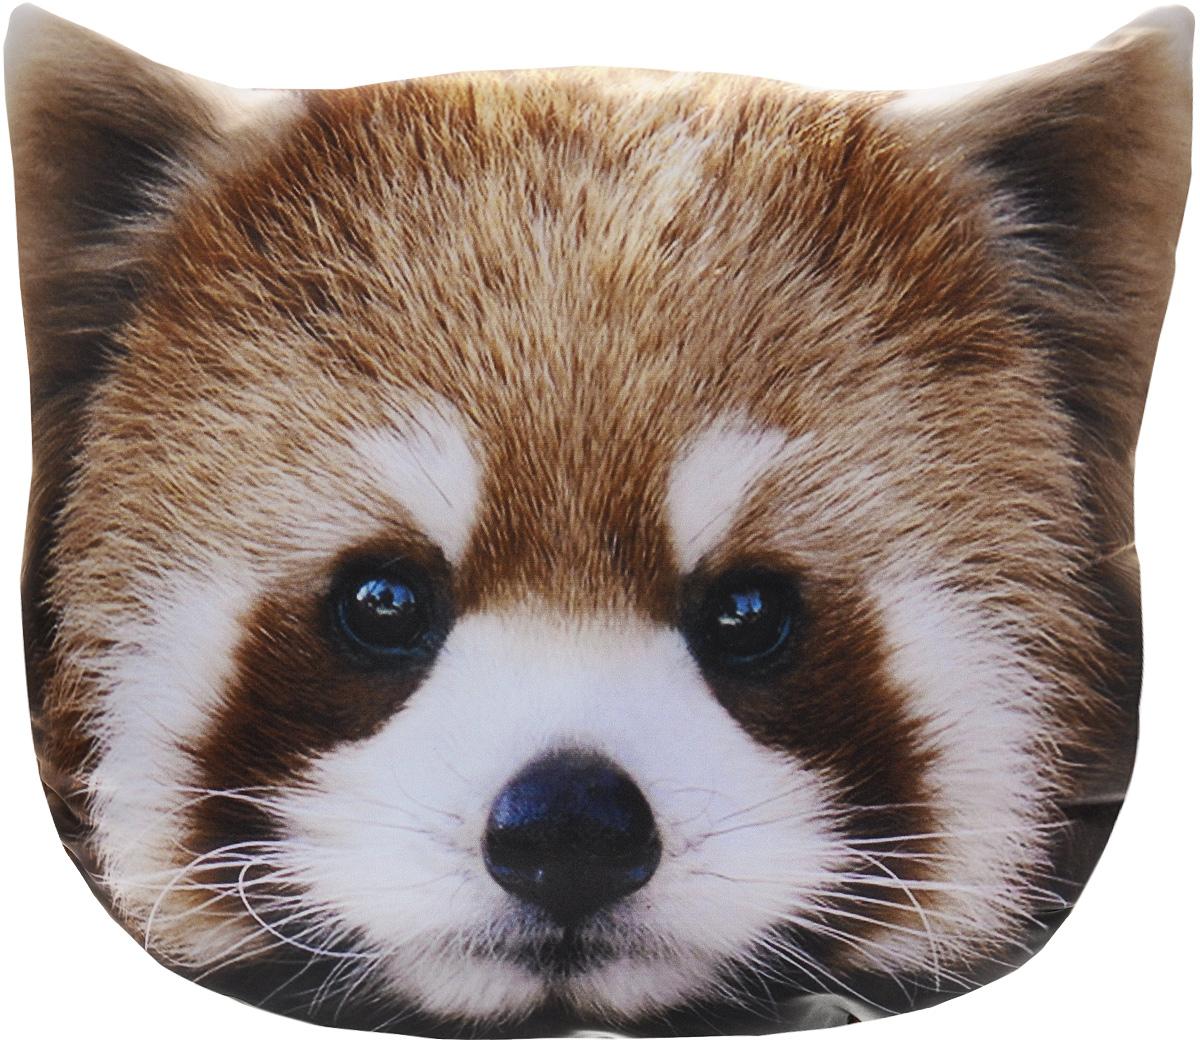 Подушка декоративная GiftnHome Красная панда, 40 х 40 cмSVC-300Декоративная подушка GiftnHome Красная панда - это яркое украшение вашего дома. Чехол выполнен из гладкого и приятного на ощупь атласа (искусственного шелка). Лицевая сторона украшена красочным изображением. Чехол застегивается на молнию. Внутренний наполнитель подушки - холлофайбер. Красивая подушка создаст в доме уют и станет прекрасным элементом декора.